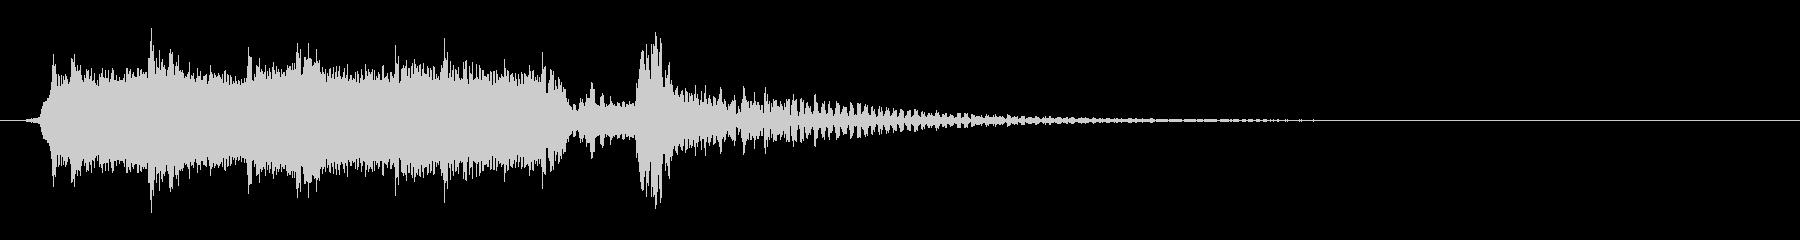 篠笛と太鼓のアンサンブル和風ジングルの未再生の波形